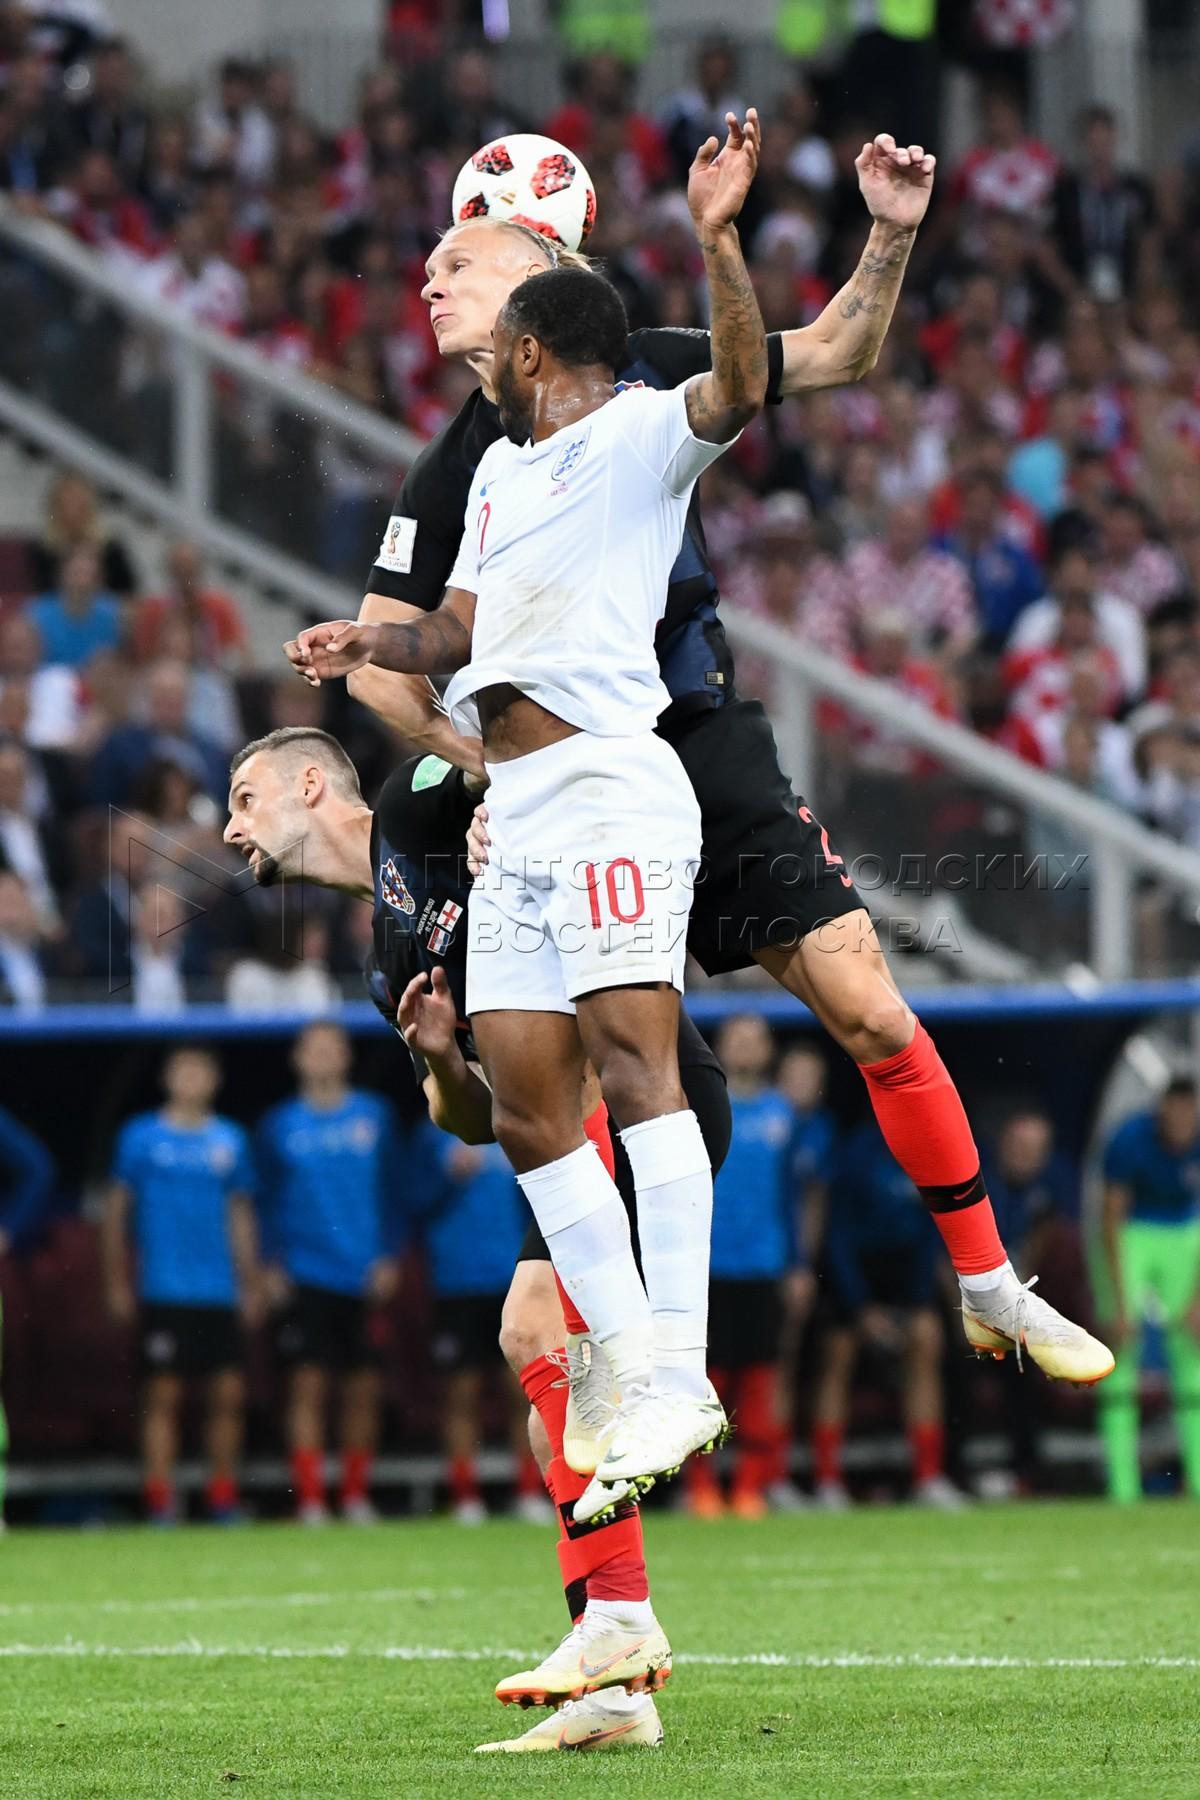 Матч ЧМ-2018 между сборными Хорватии и Англии на стадионе «Лужники». Автор фото: Андрей Никеричев.